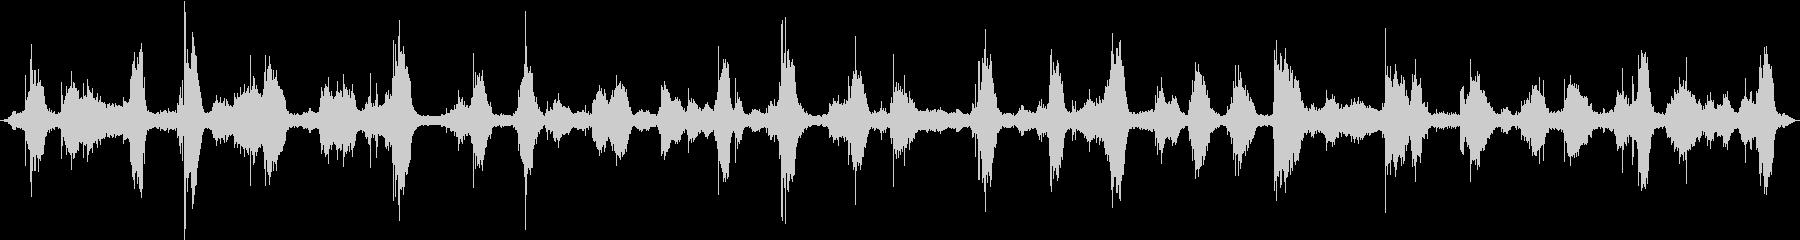 ザバーン(冬の海の音)の未再生の波形